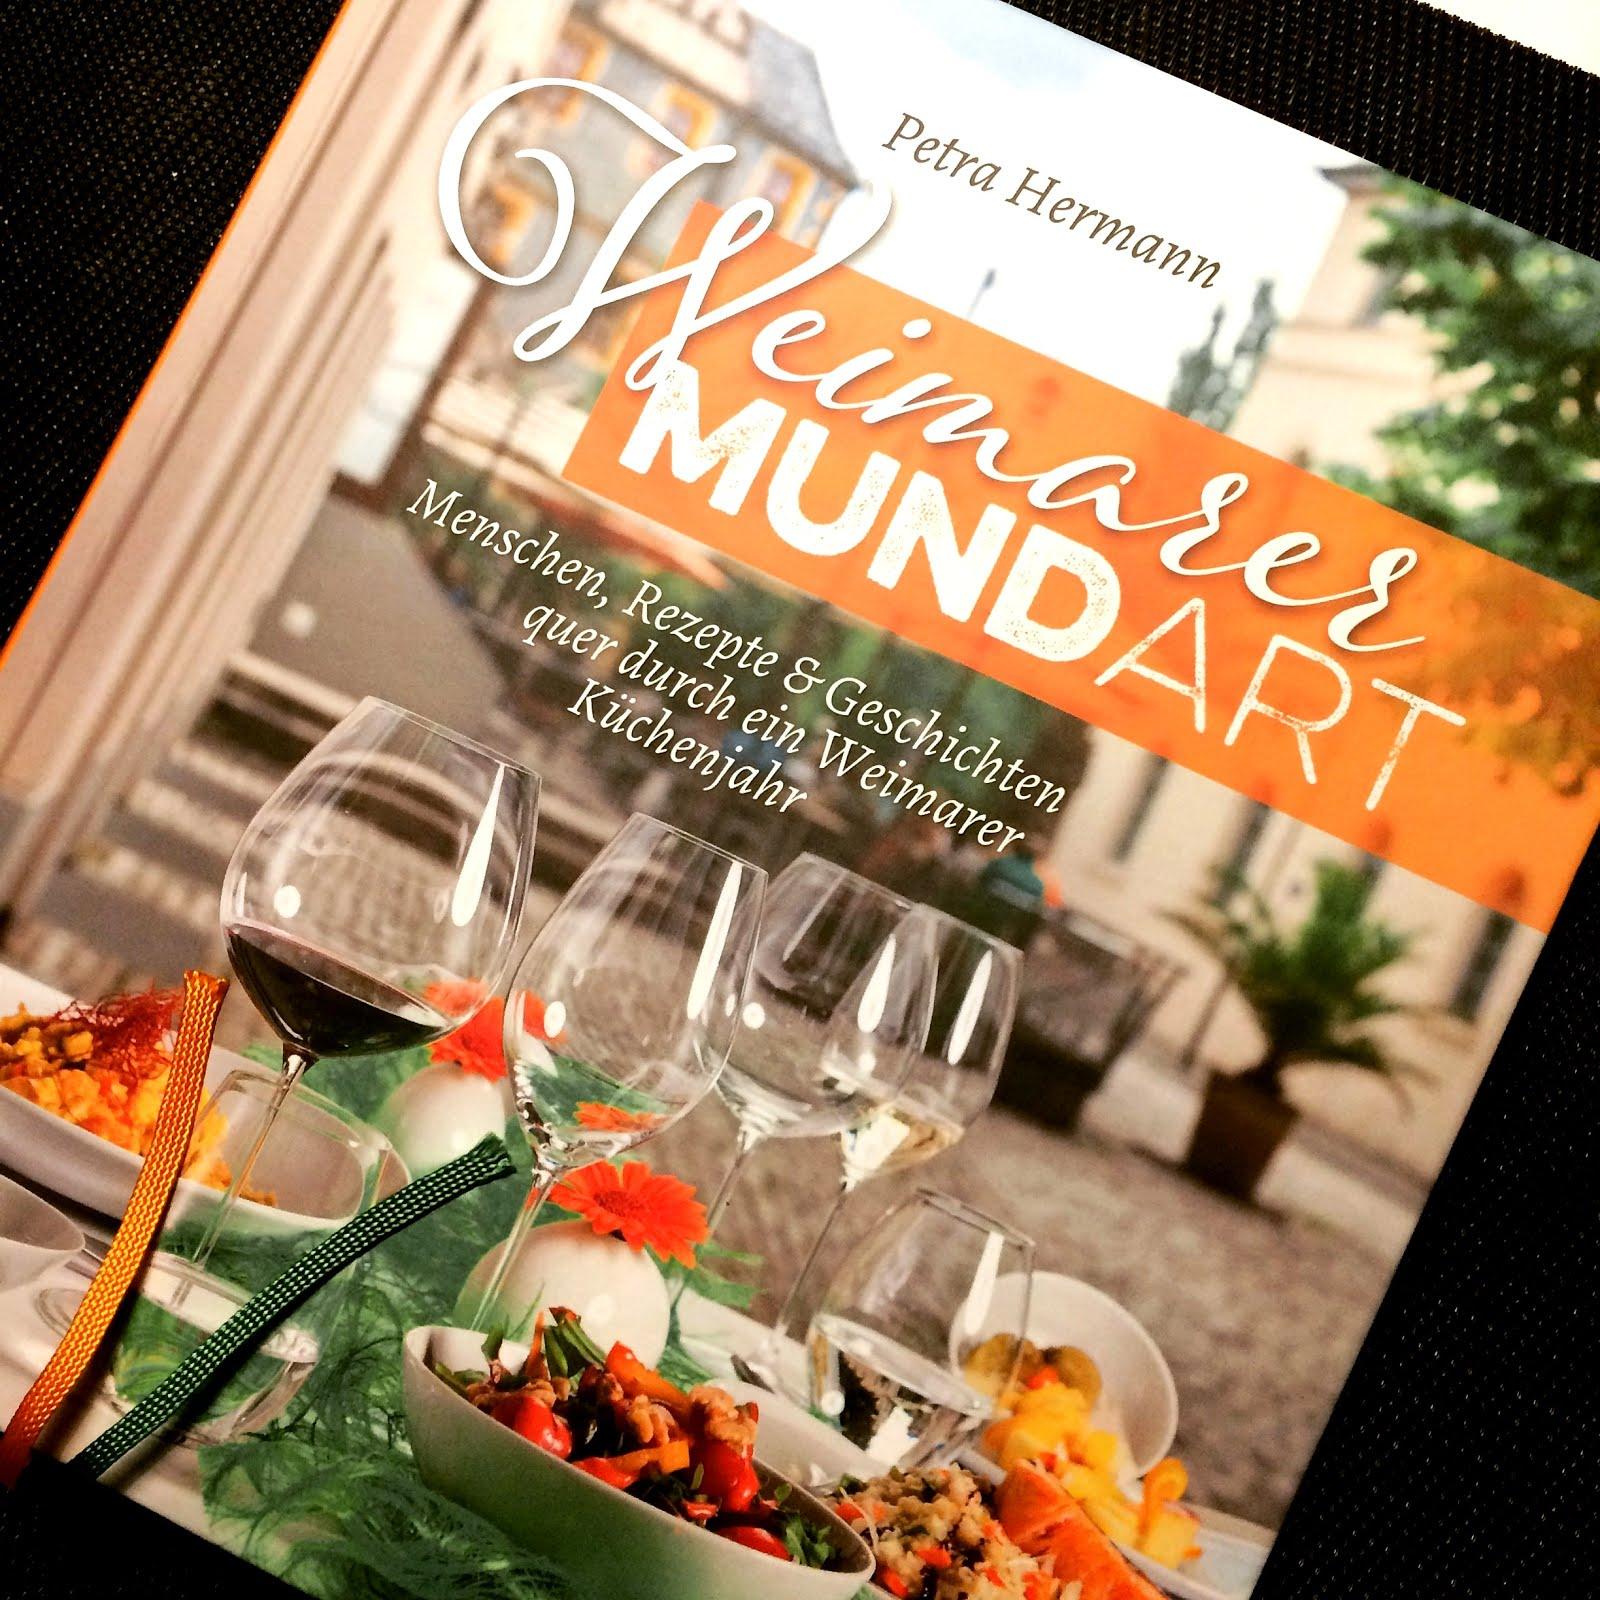 Hier zur Bestellung des Buches WEIMARER MUNDART: